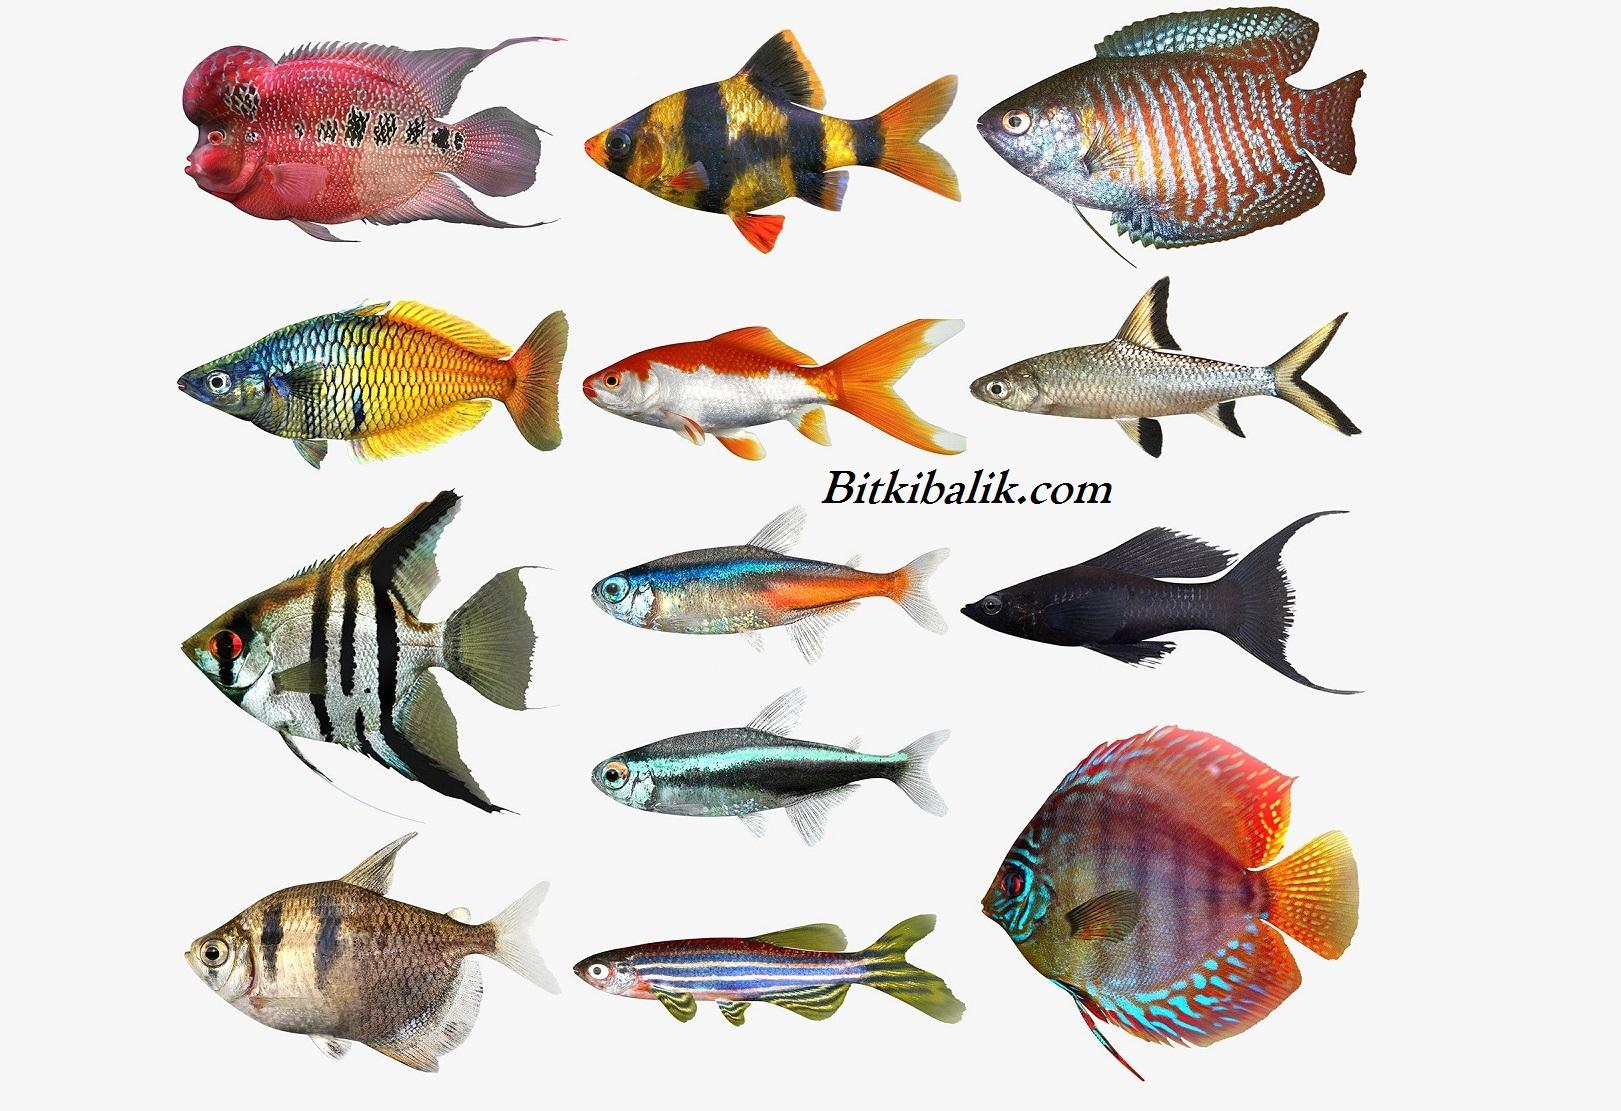 Tatlı Su Akvaryum Balık Çeşitleri